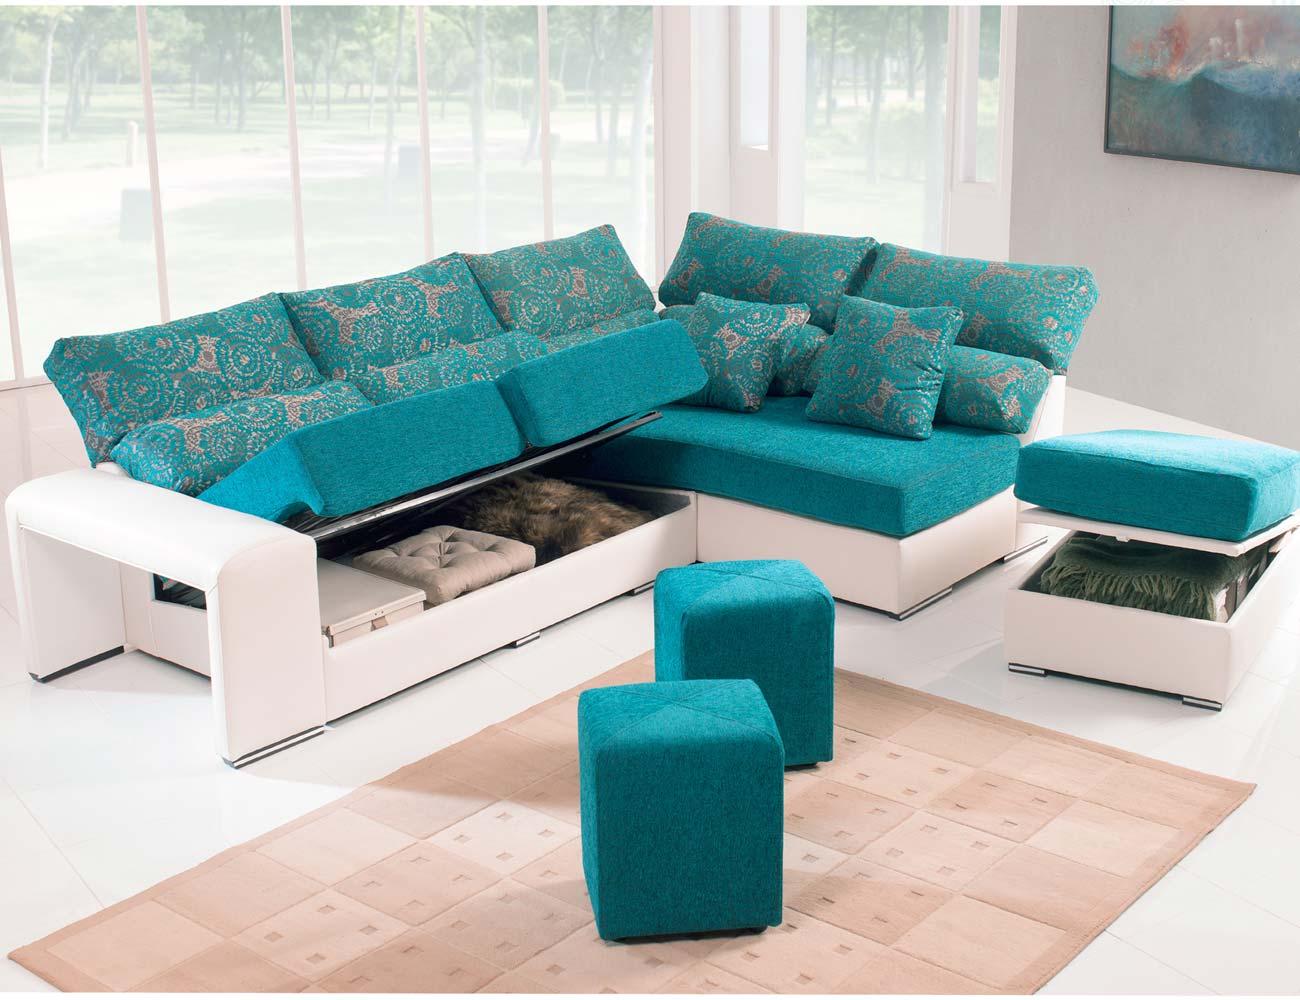 Sofa chaiselongue rincon puff arcon taburete24